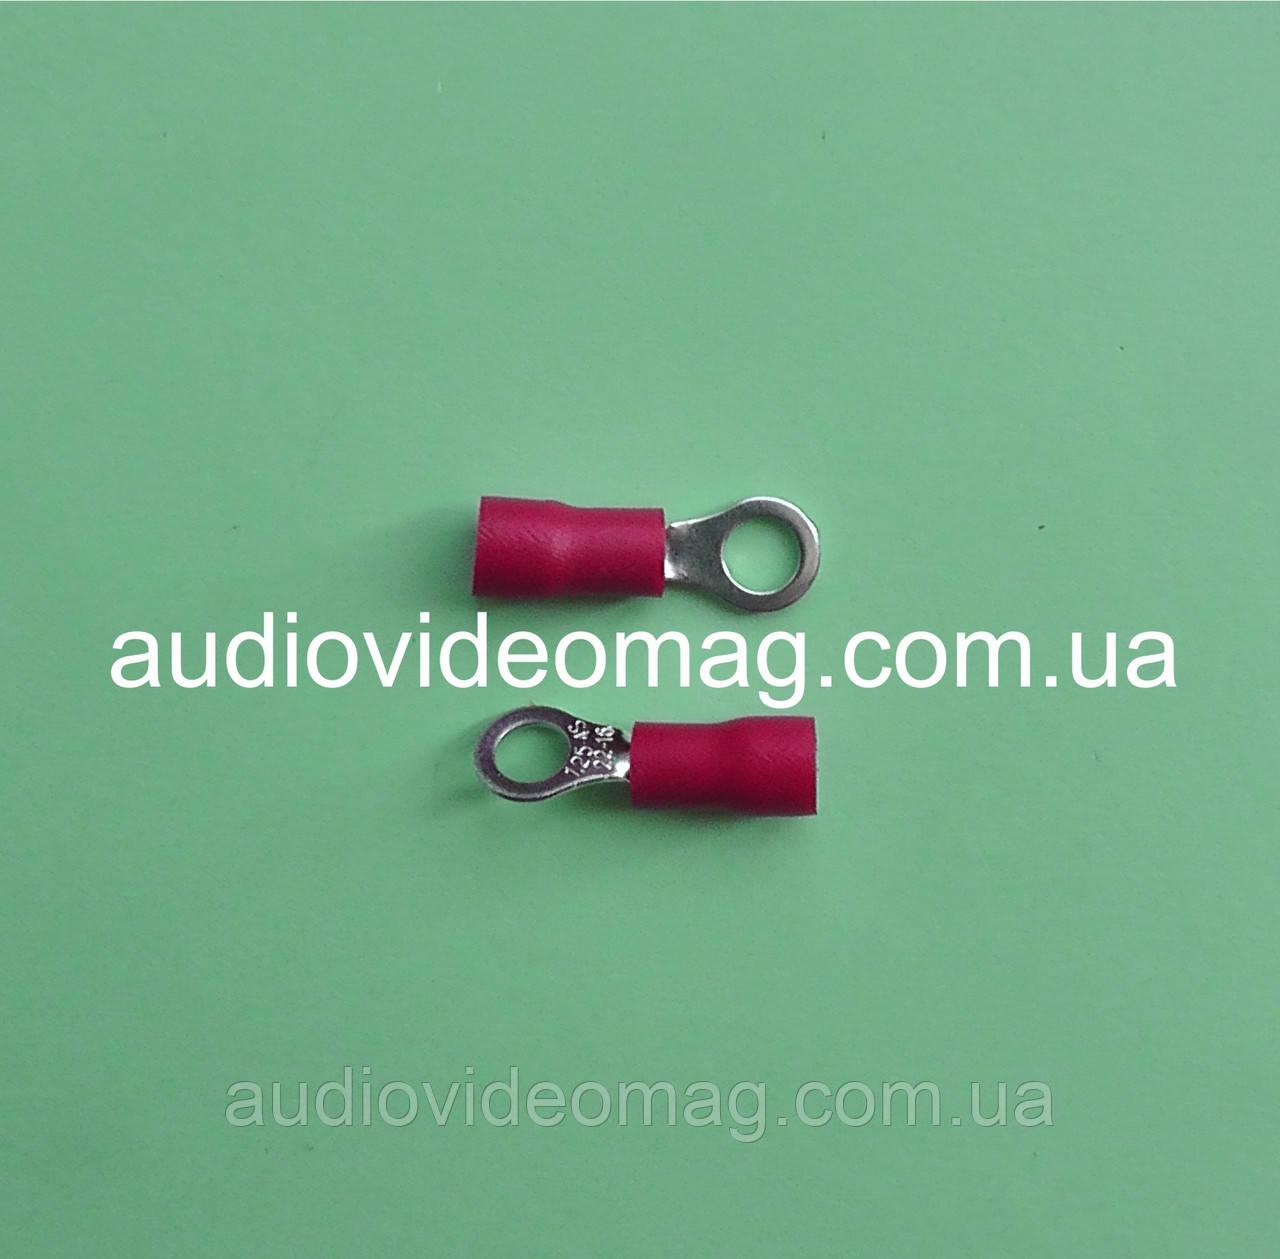 Клемма кольцевая под контакт 4 мм с изоляцией, упаковка 50 шт.